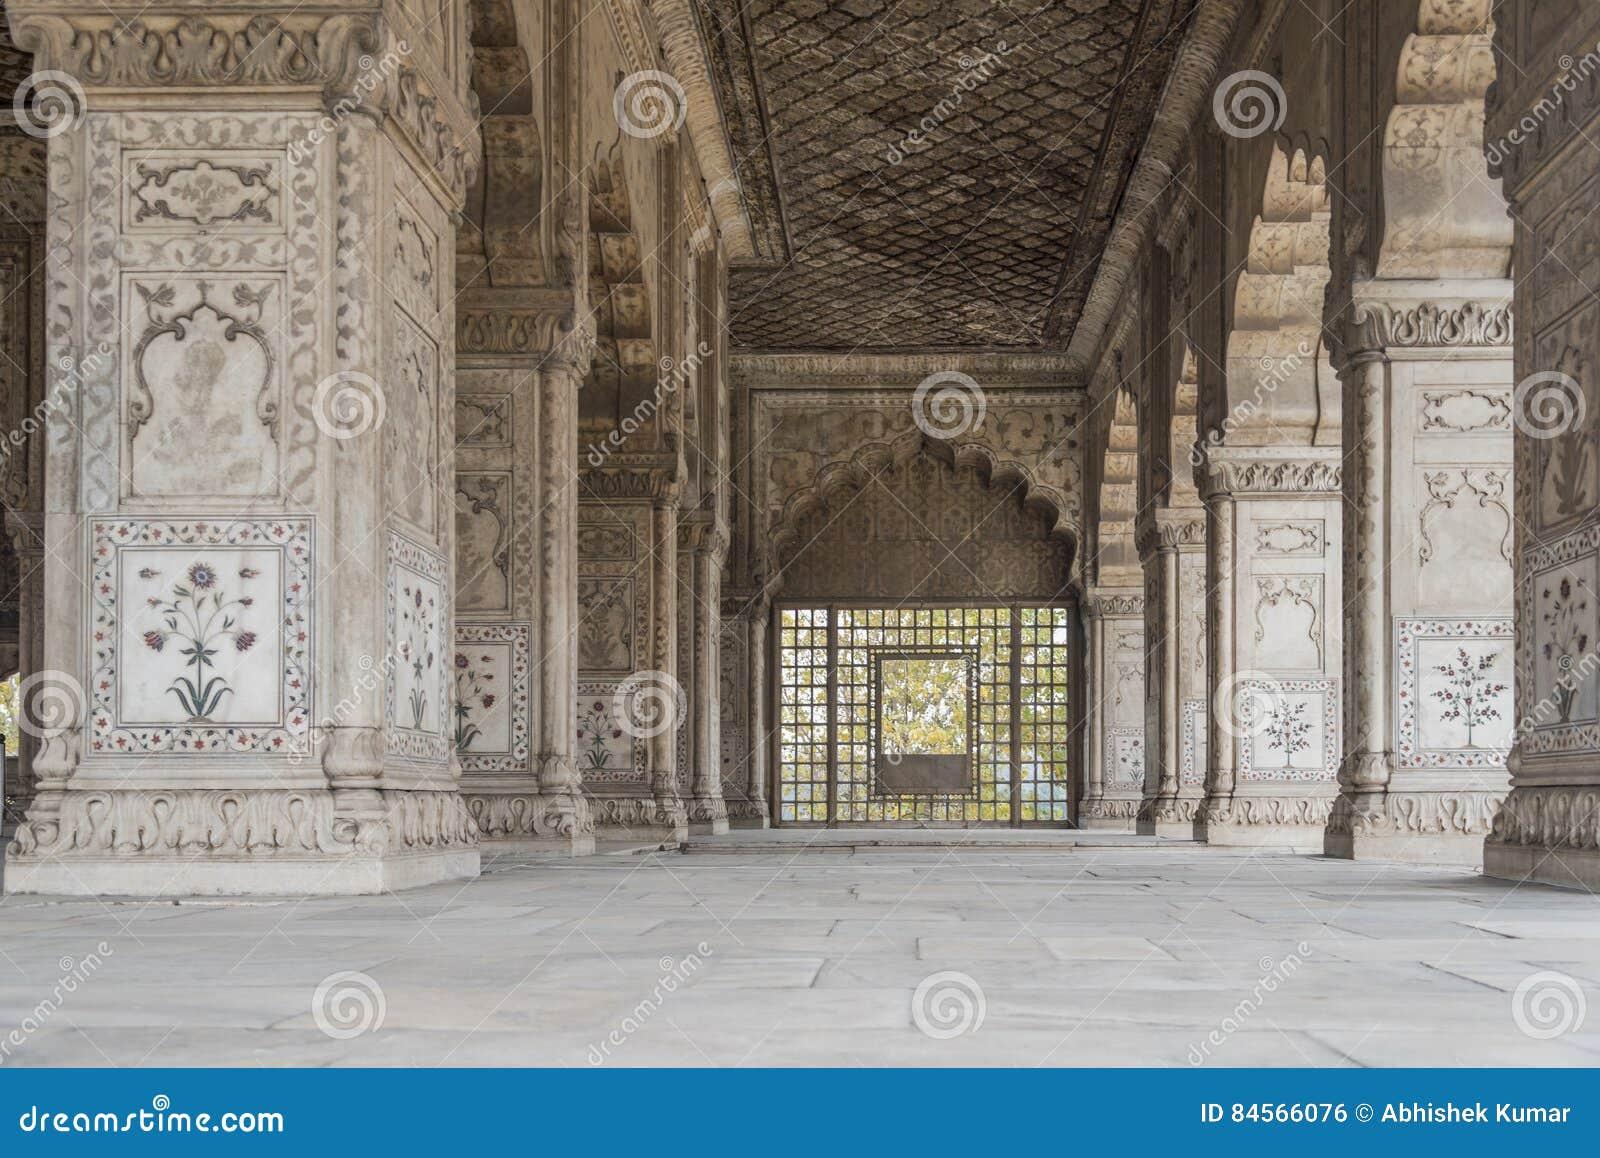 Colunas belamente cinzeladas no forte vermelho em Nova Deli, Índia Foi construído em 1639